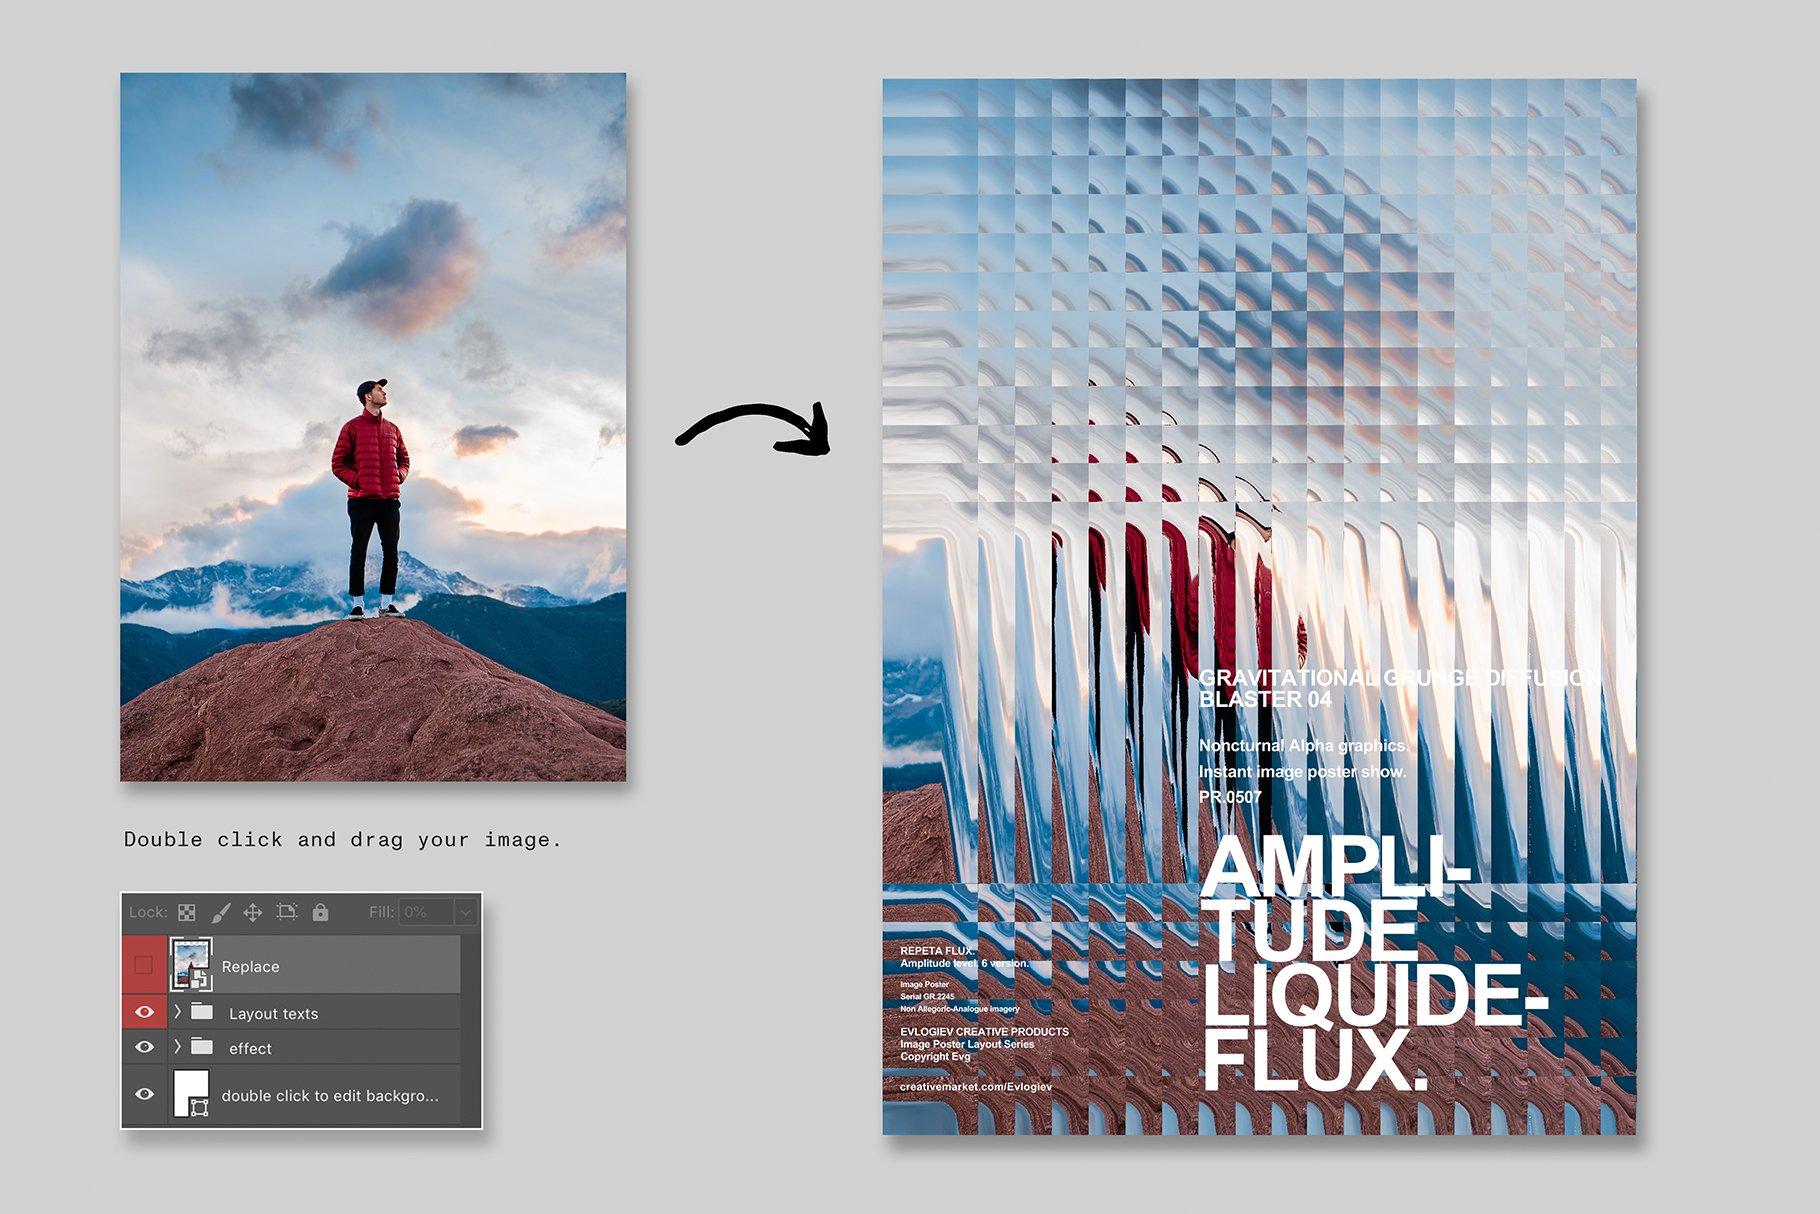 [淘宝购买] 20款抽象扭曲故障主视觉海报图片设计效果PS样式模板 Evlogiev – Distort Image Poster插图(7)